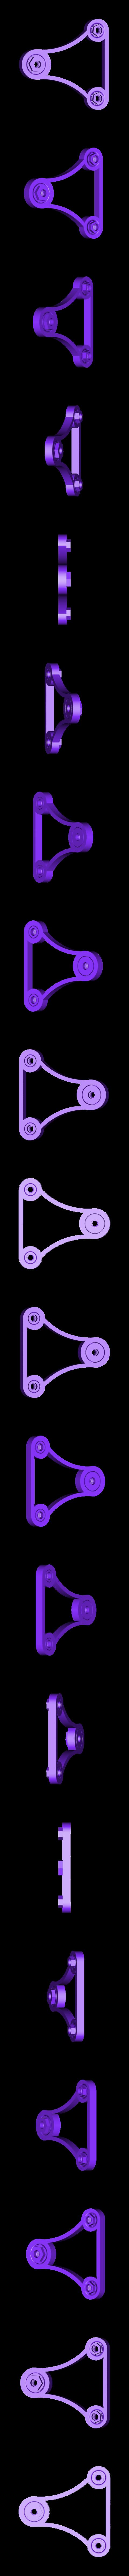 SpinnerArm.stl Télécharger fichier STL gratuit Porte-bobine universel - Ancienne version • Design à imprimer en 3D, Balkhagal4D